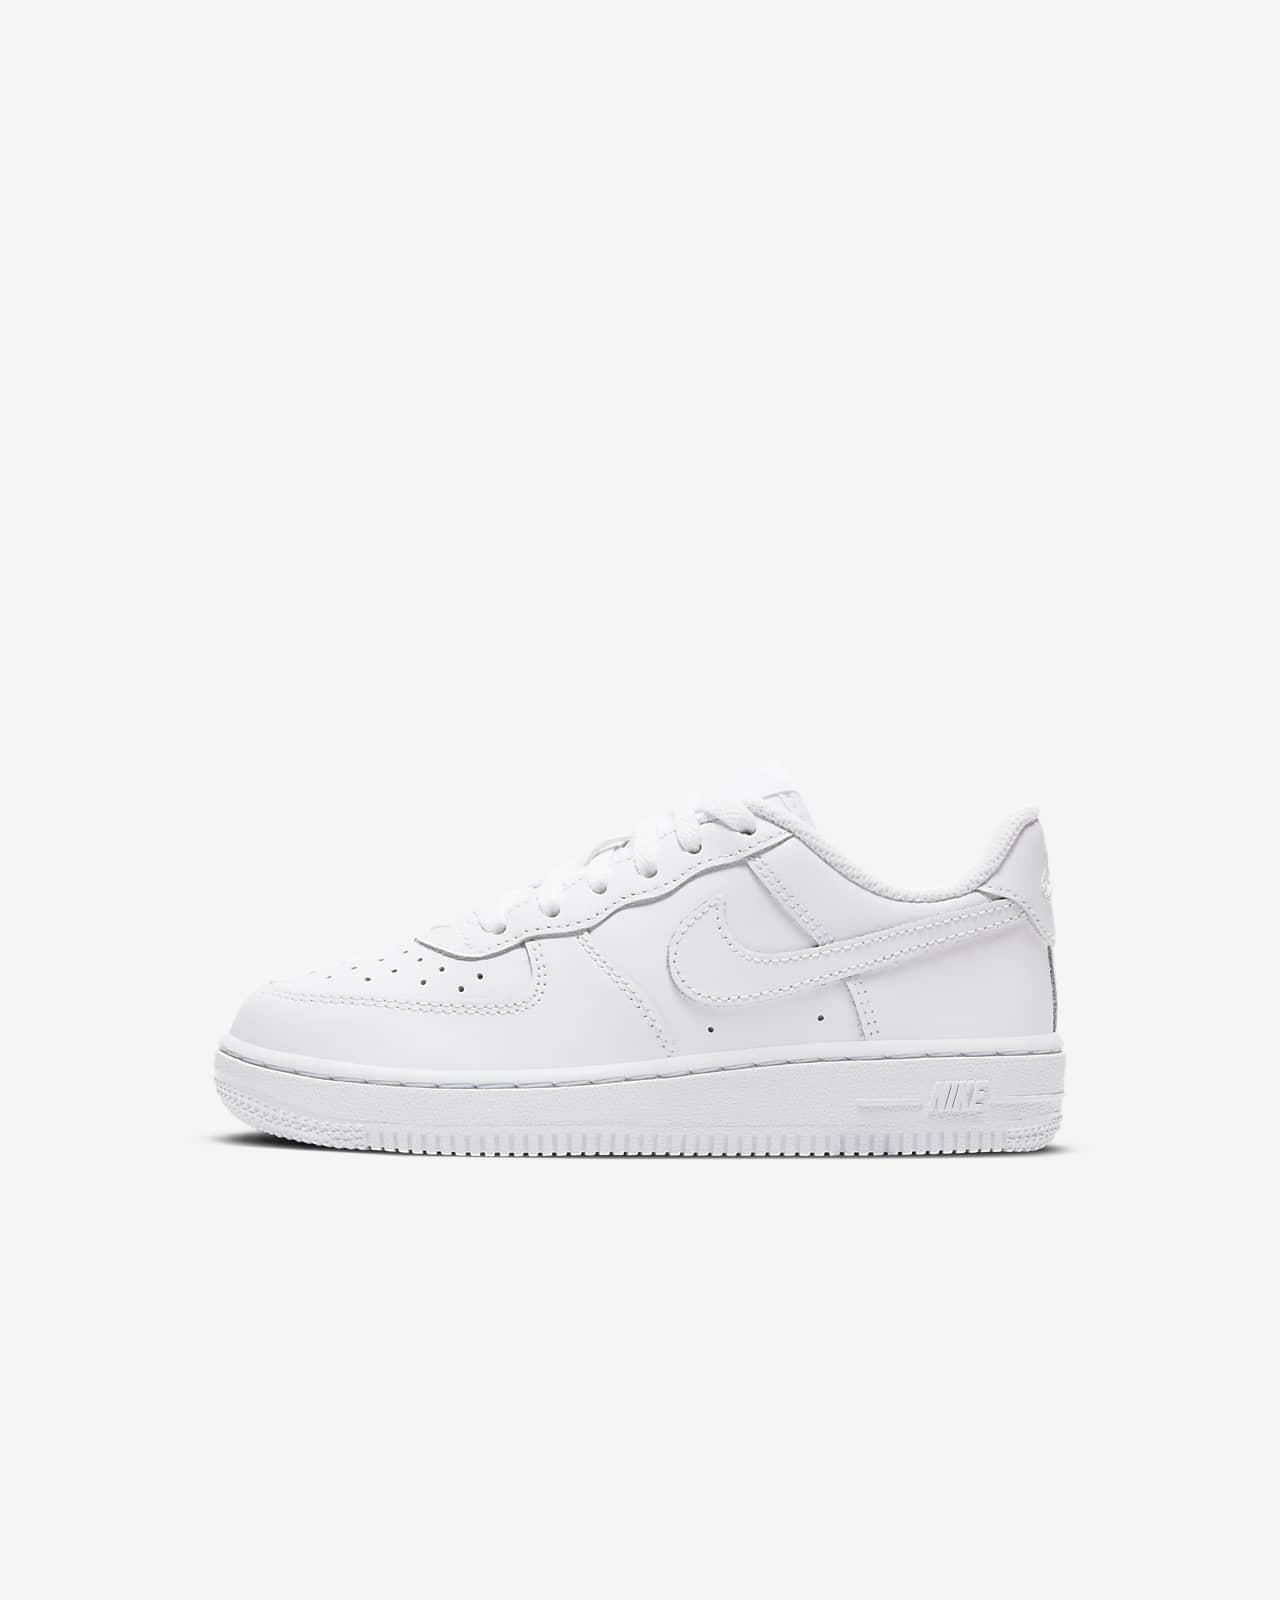 Calzado para niños talla pequeña Nike Air Force 1 LE